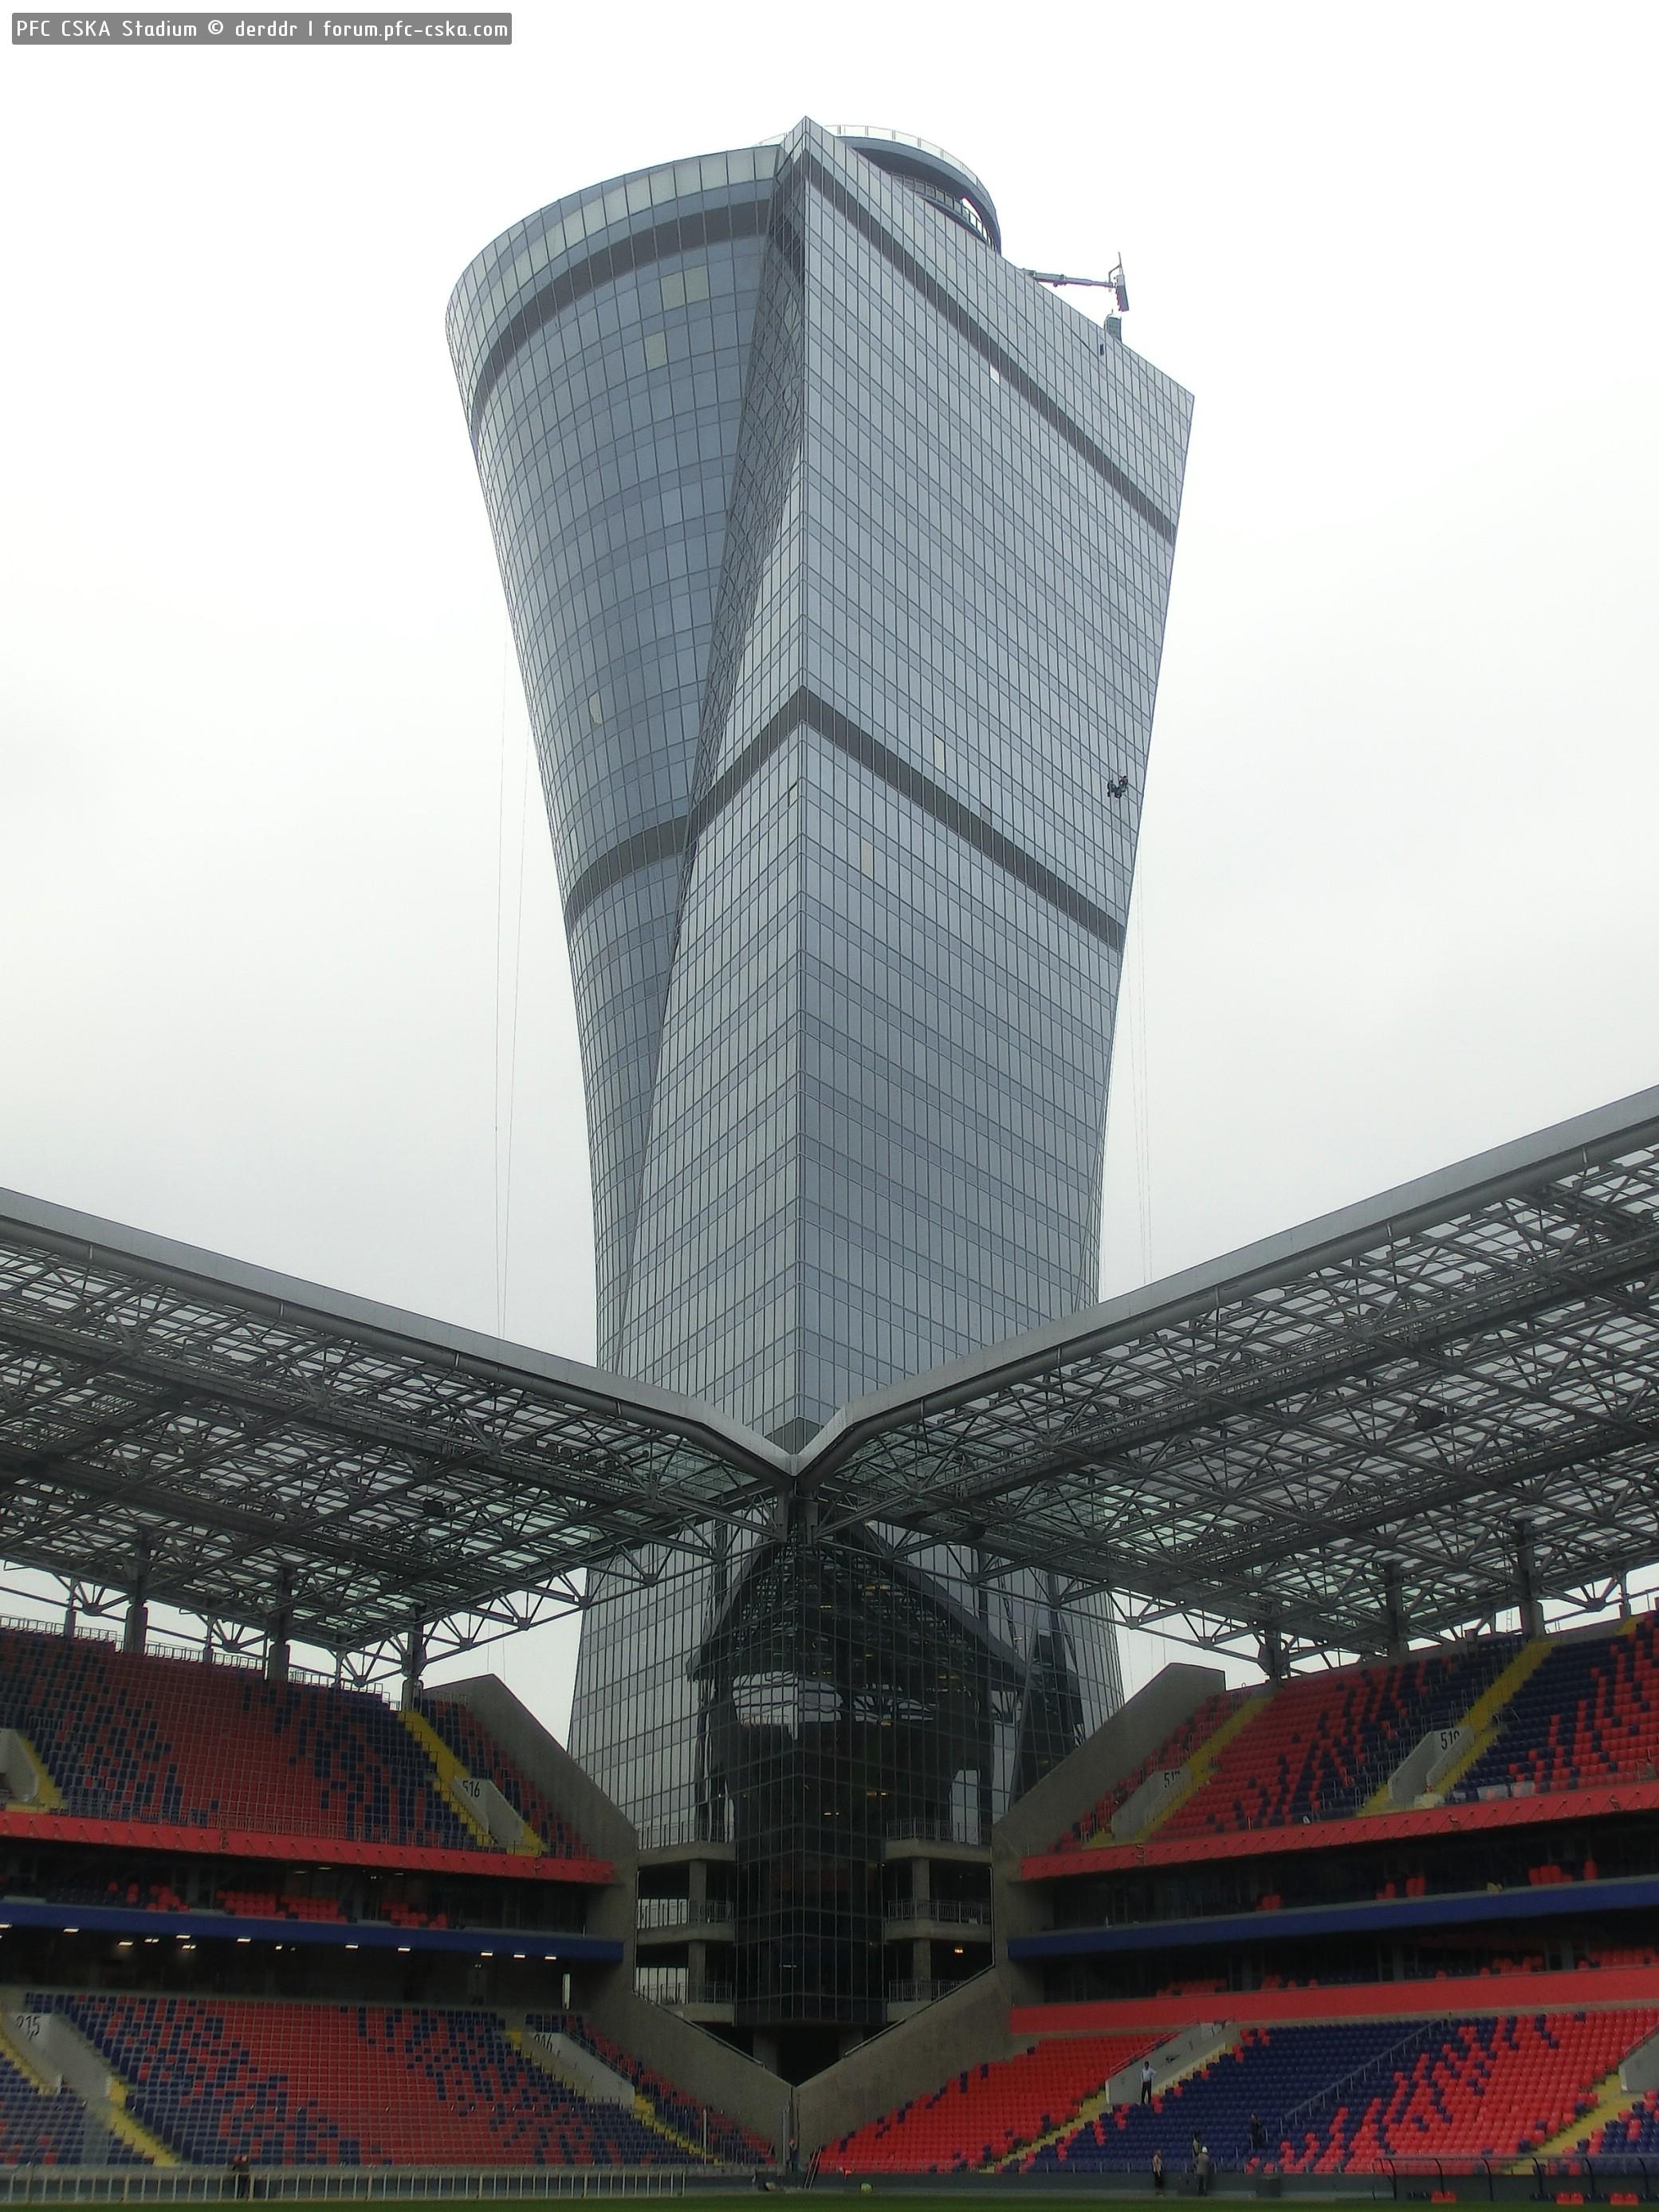 pfccska_stadium_03